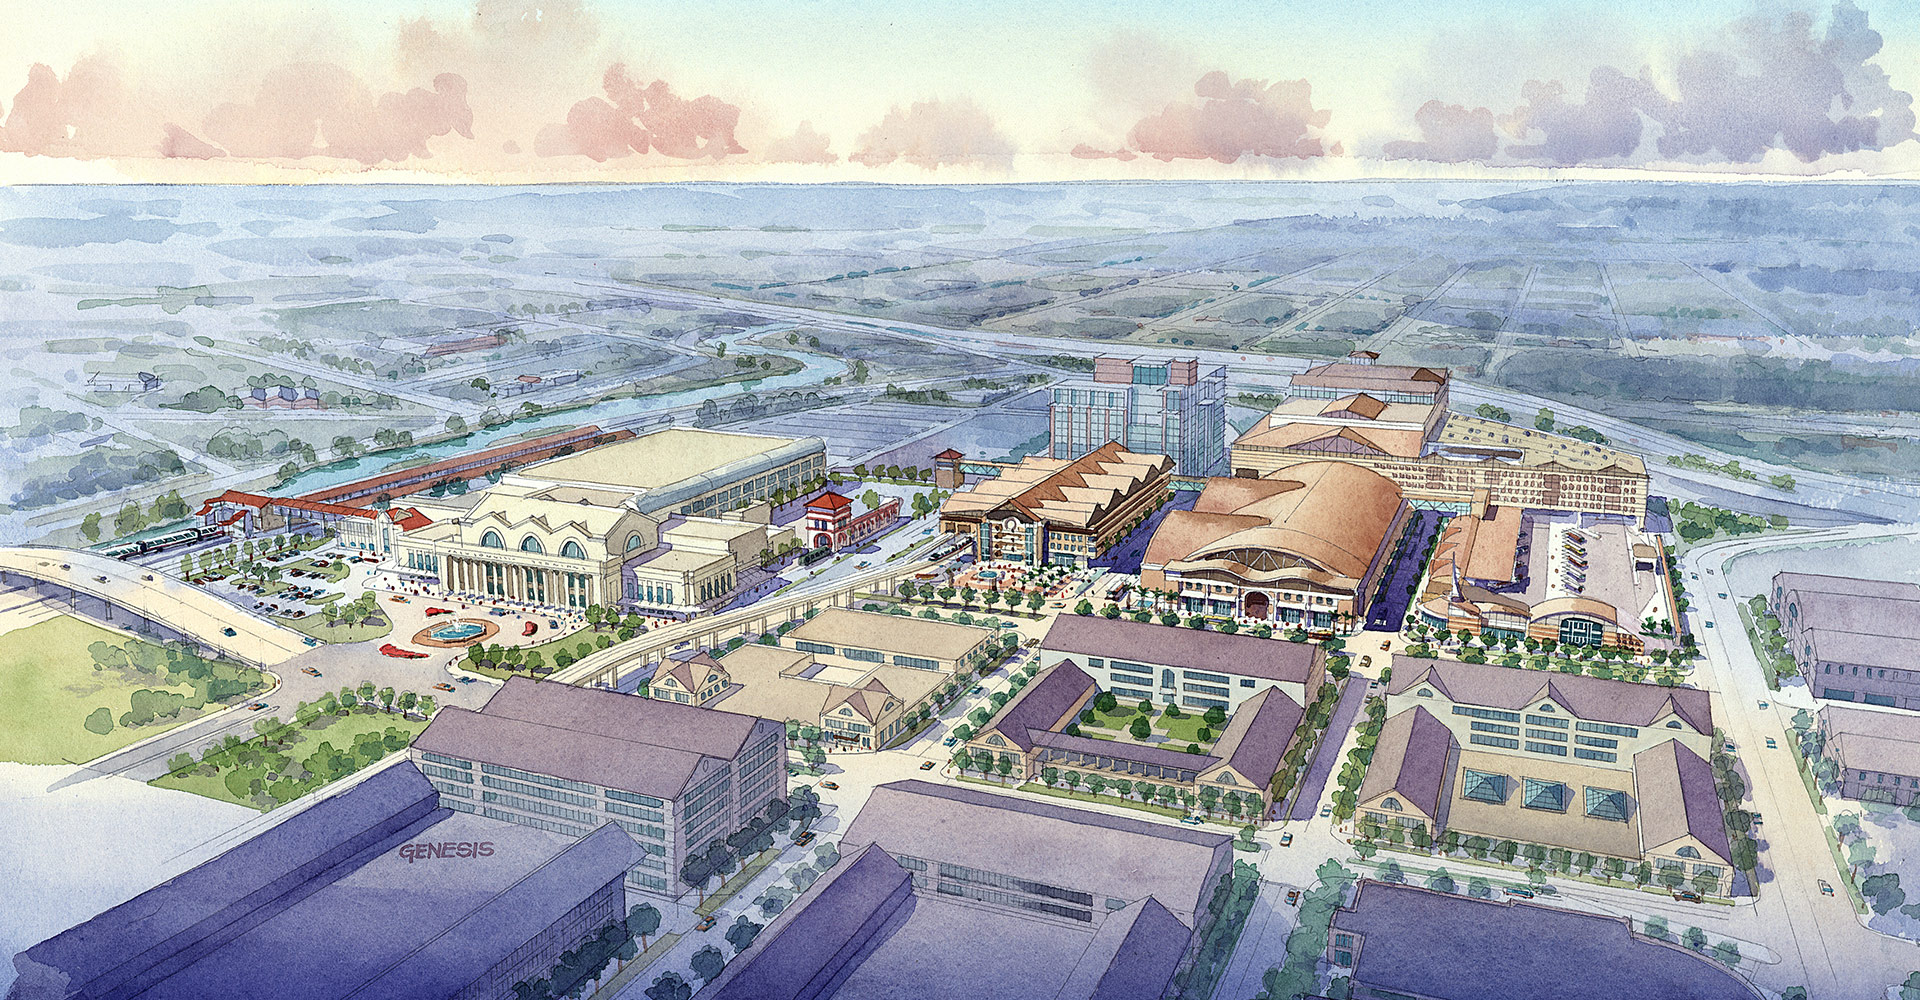 Aerial rendering of city.